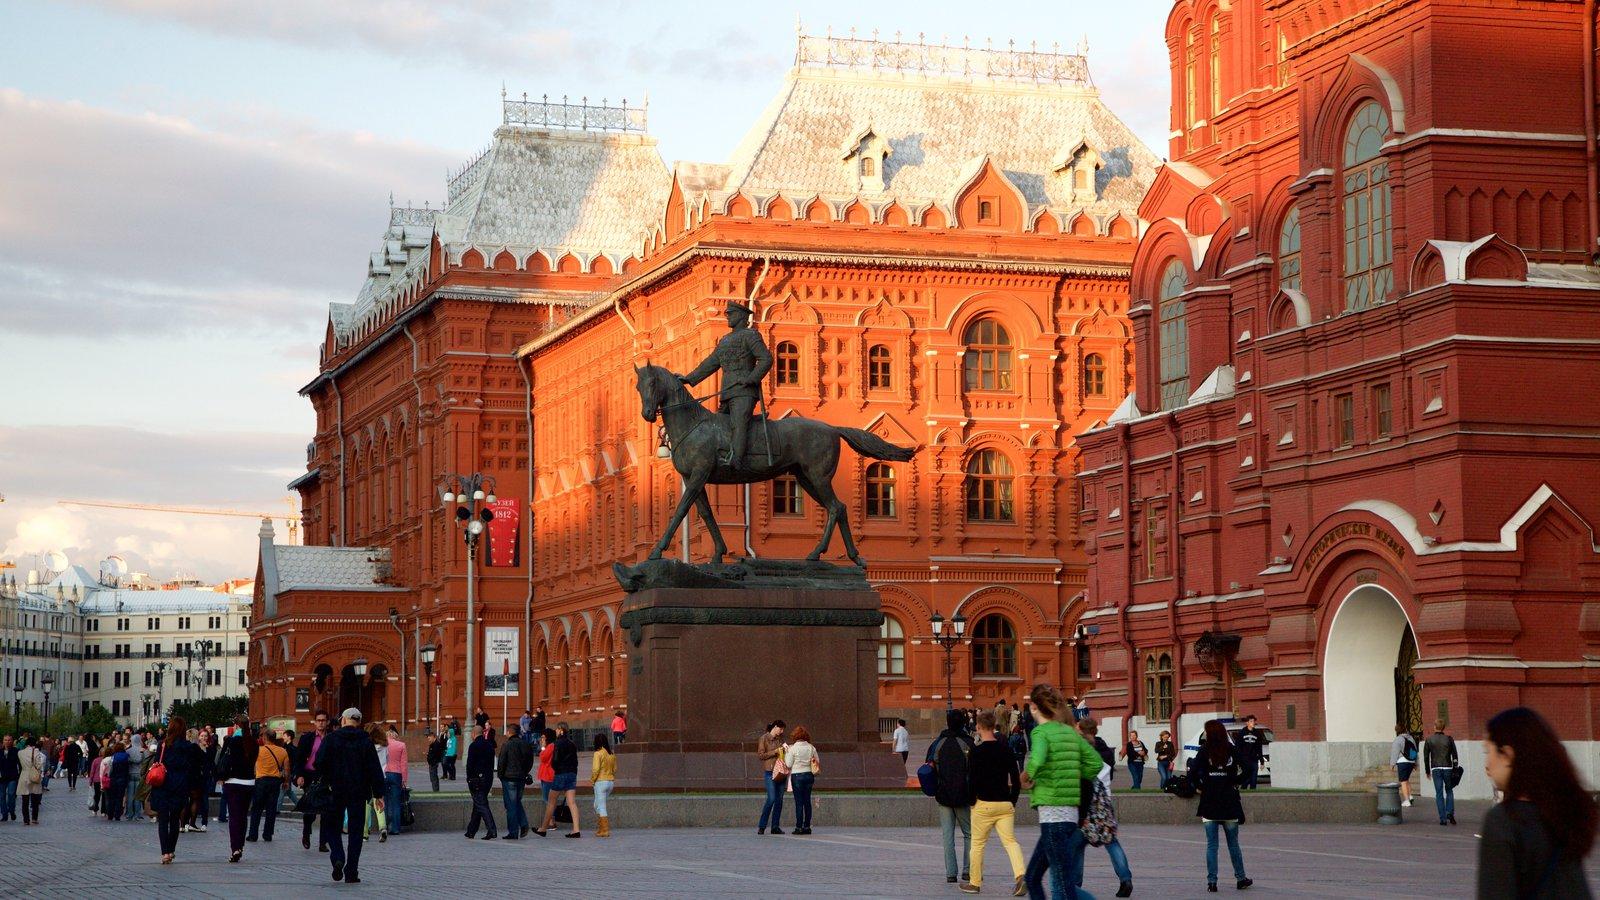 музеи москвы фото с названиями и мне так надоел